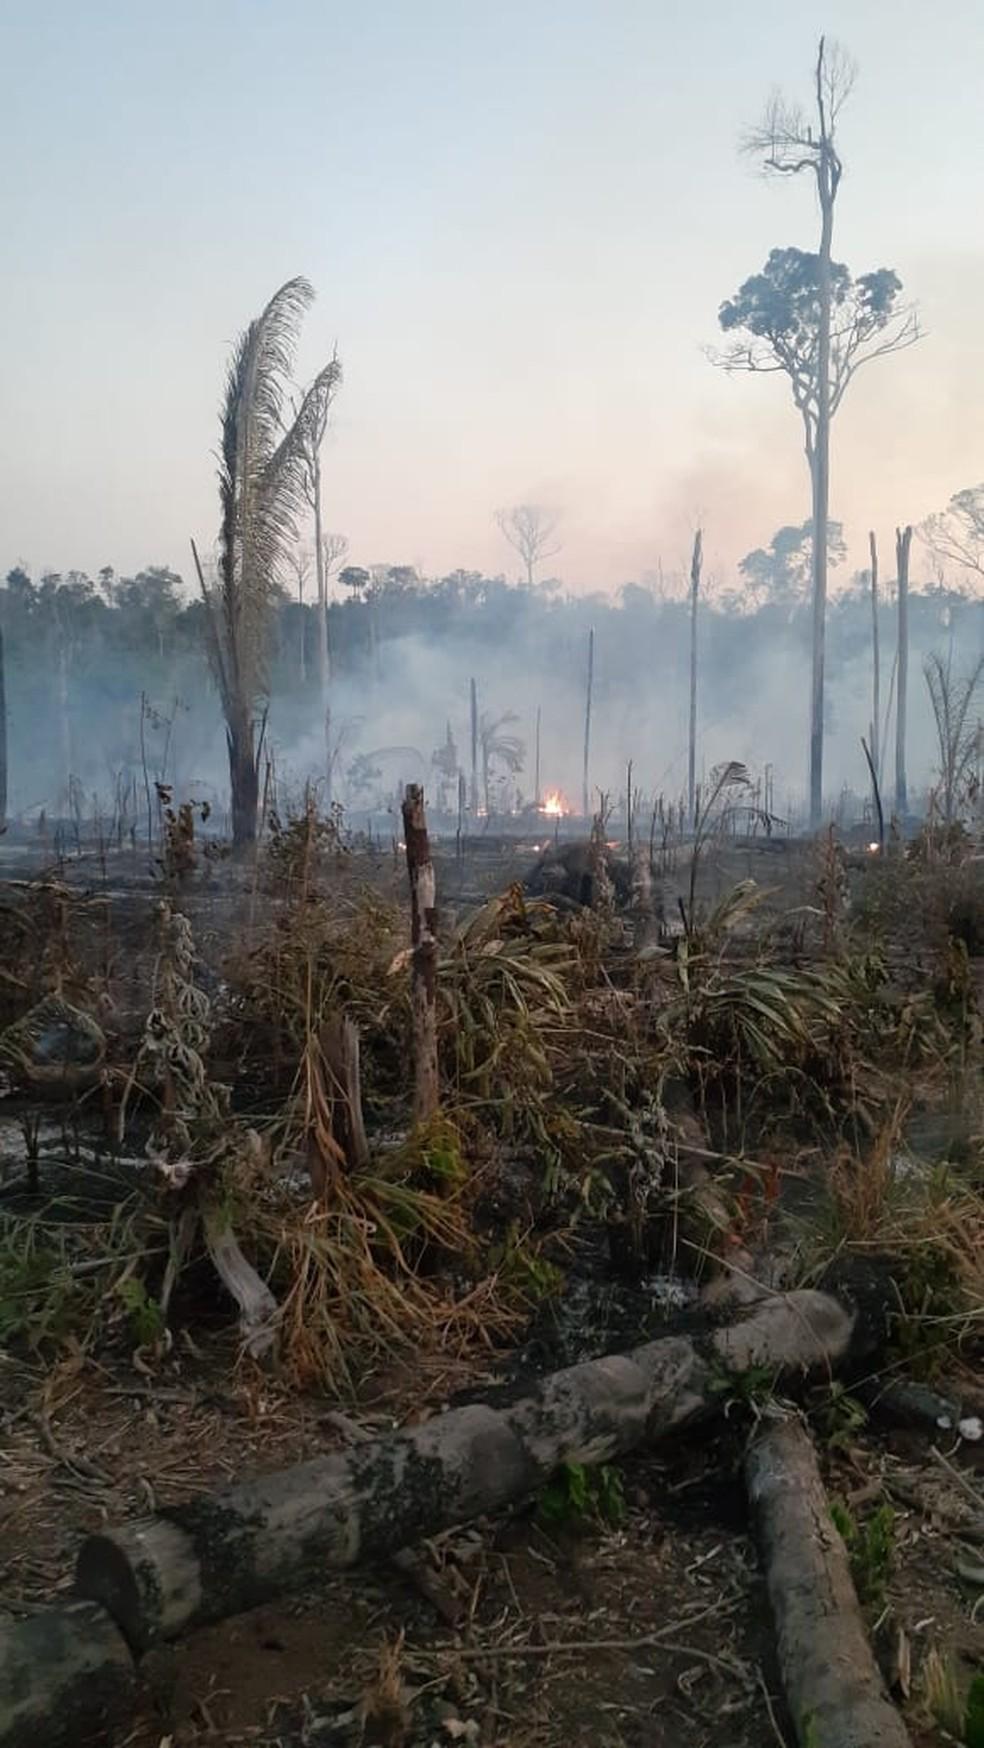 Área de reserva destruída por fogo, em Machadinho — Foto: WhatsApp/Reprodução